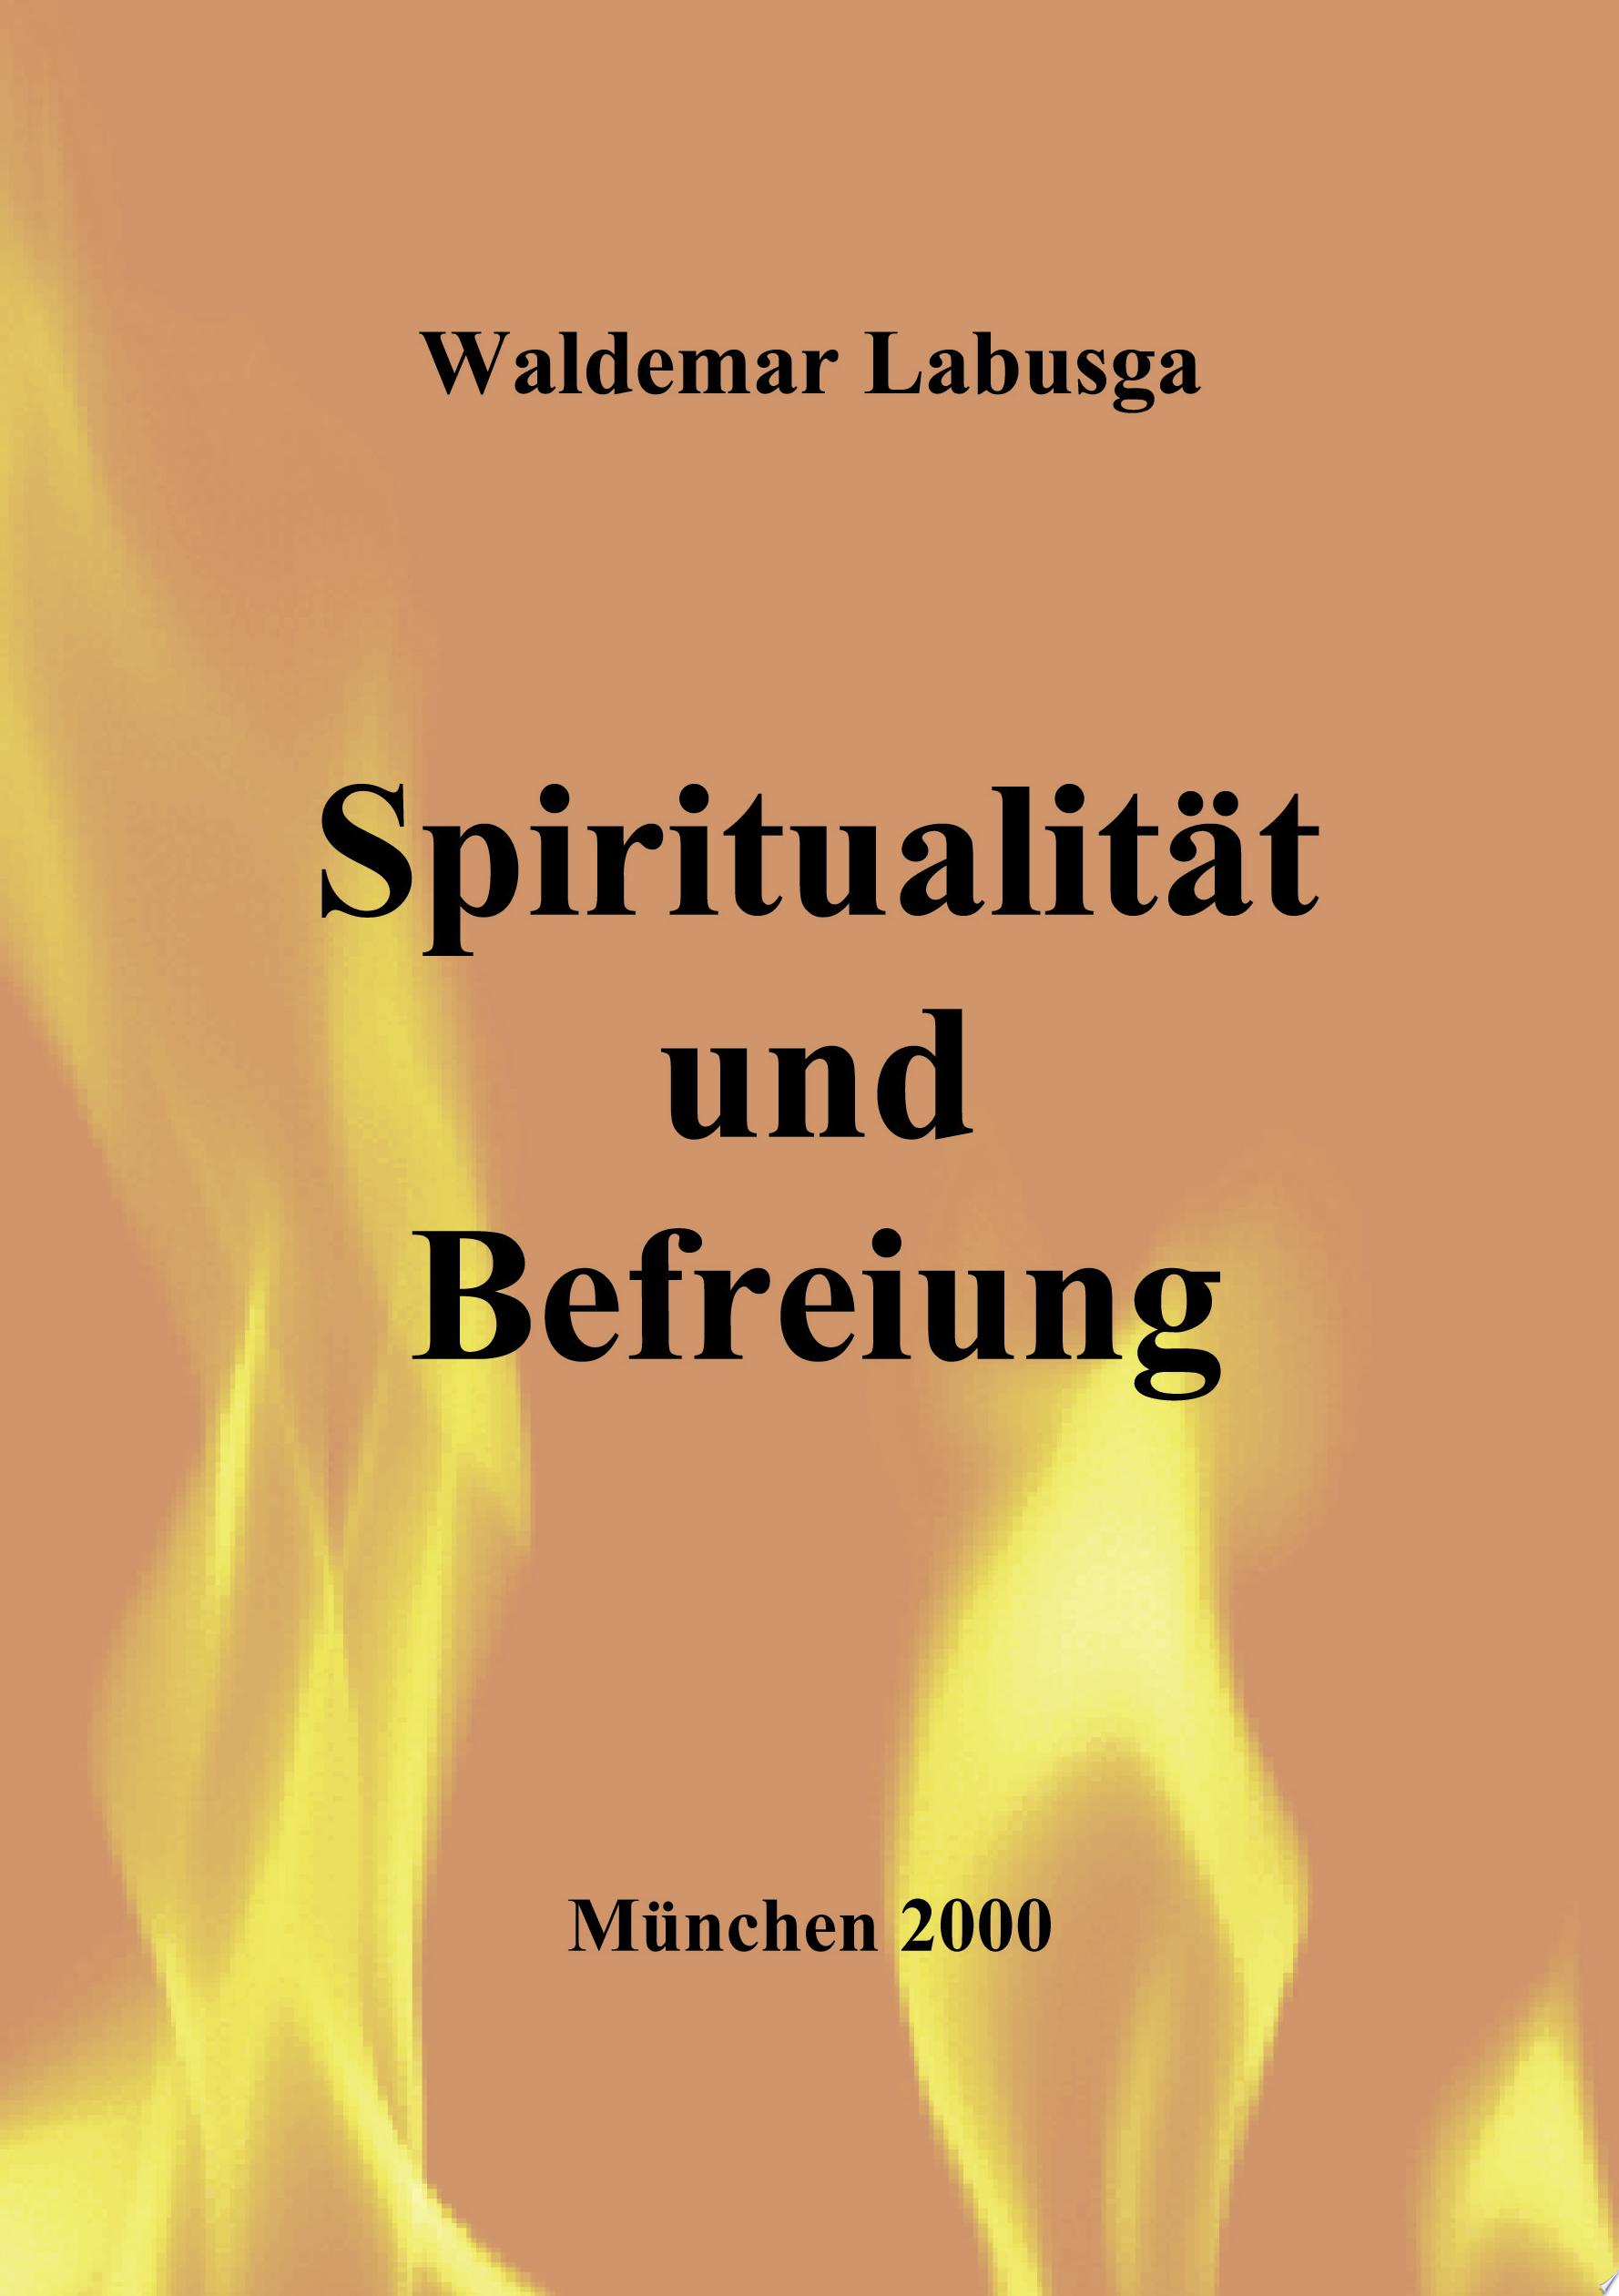 Spiritualit  t und Befreiung